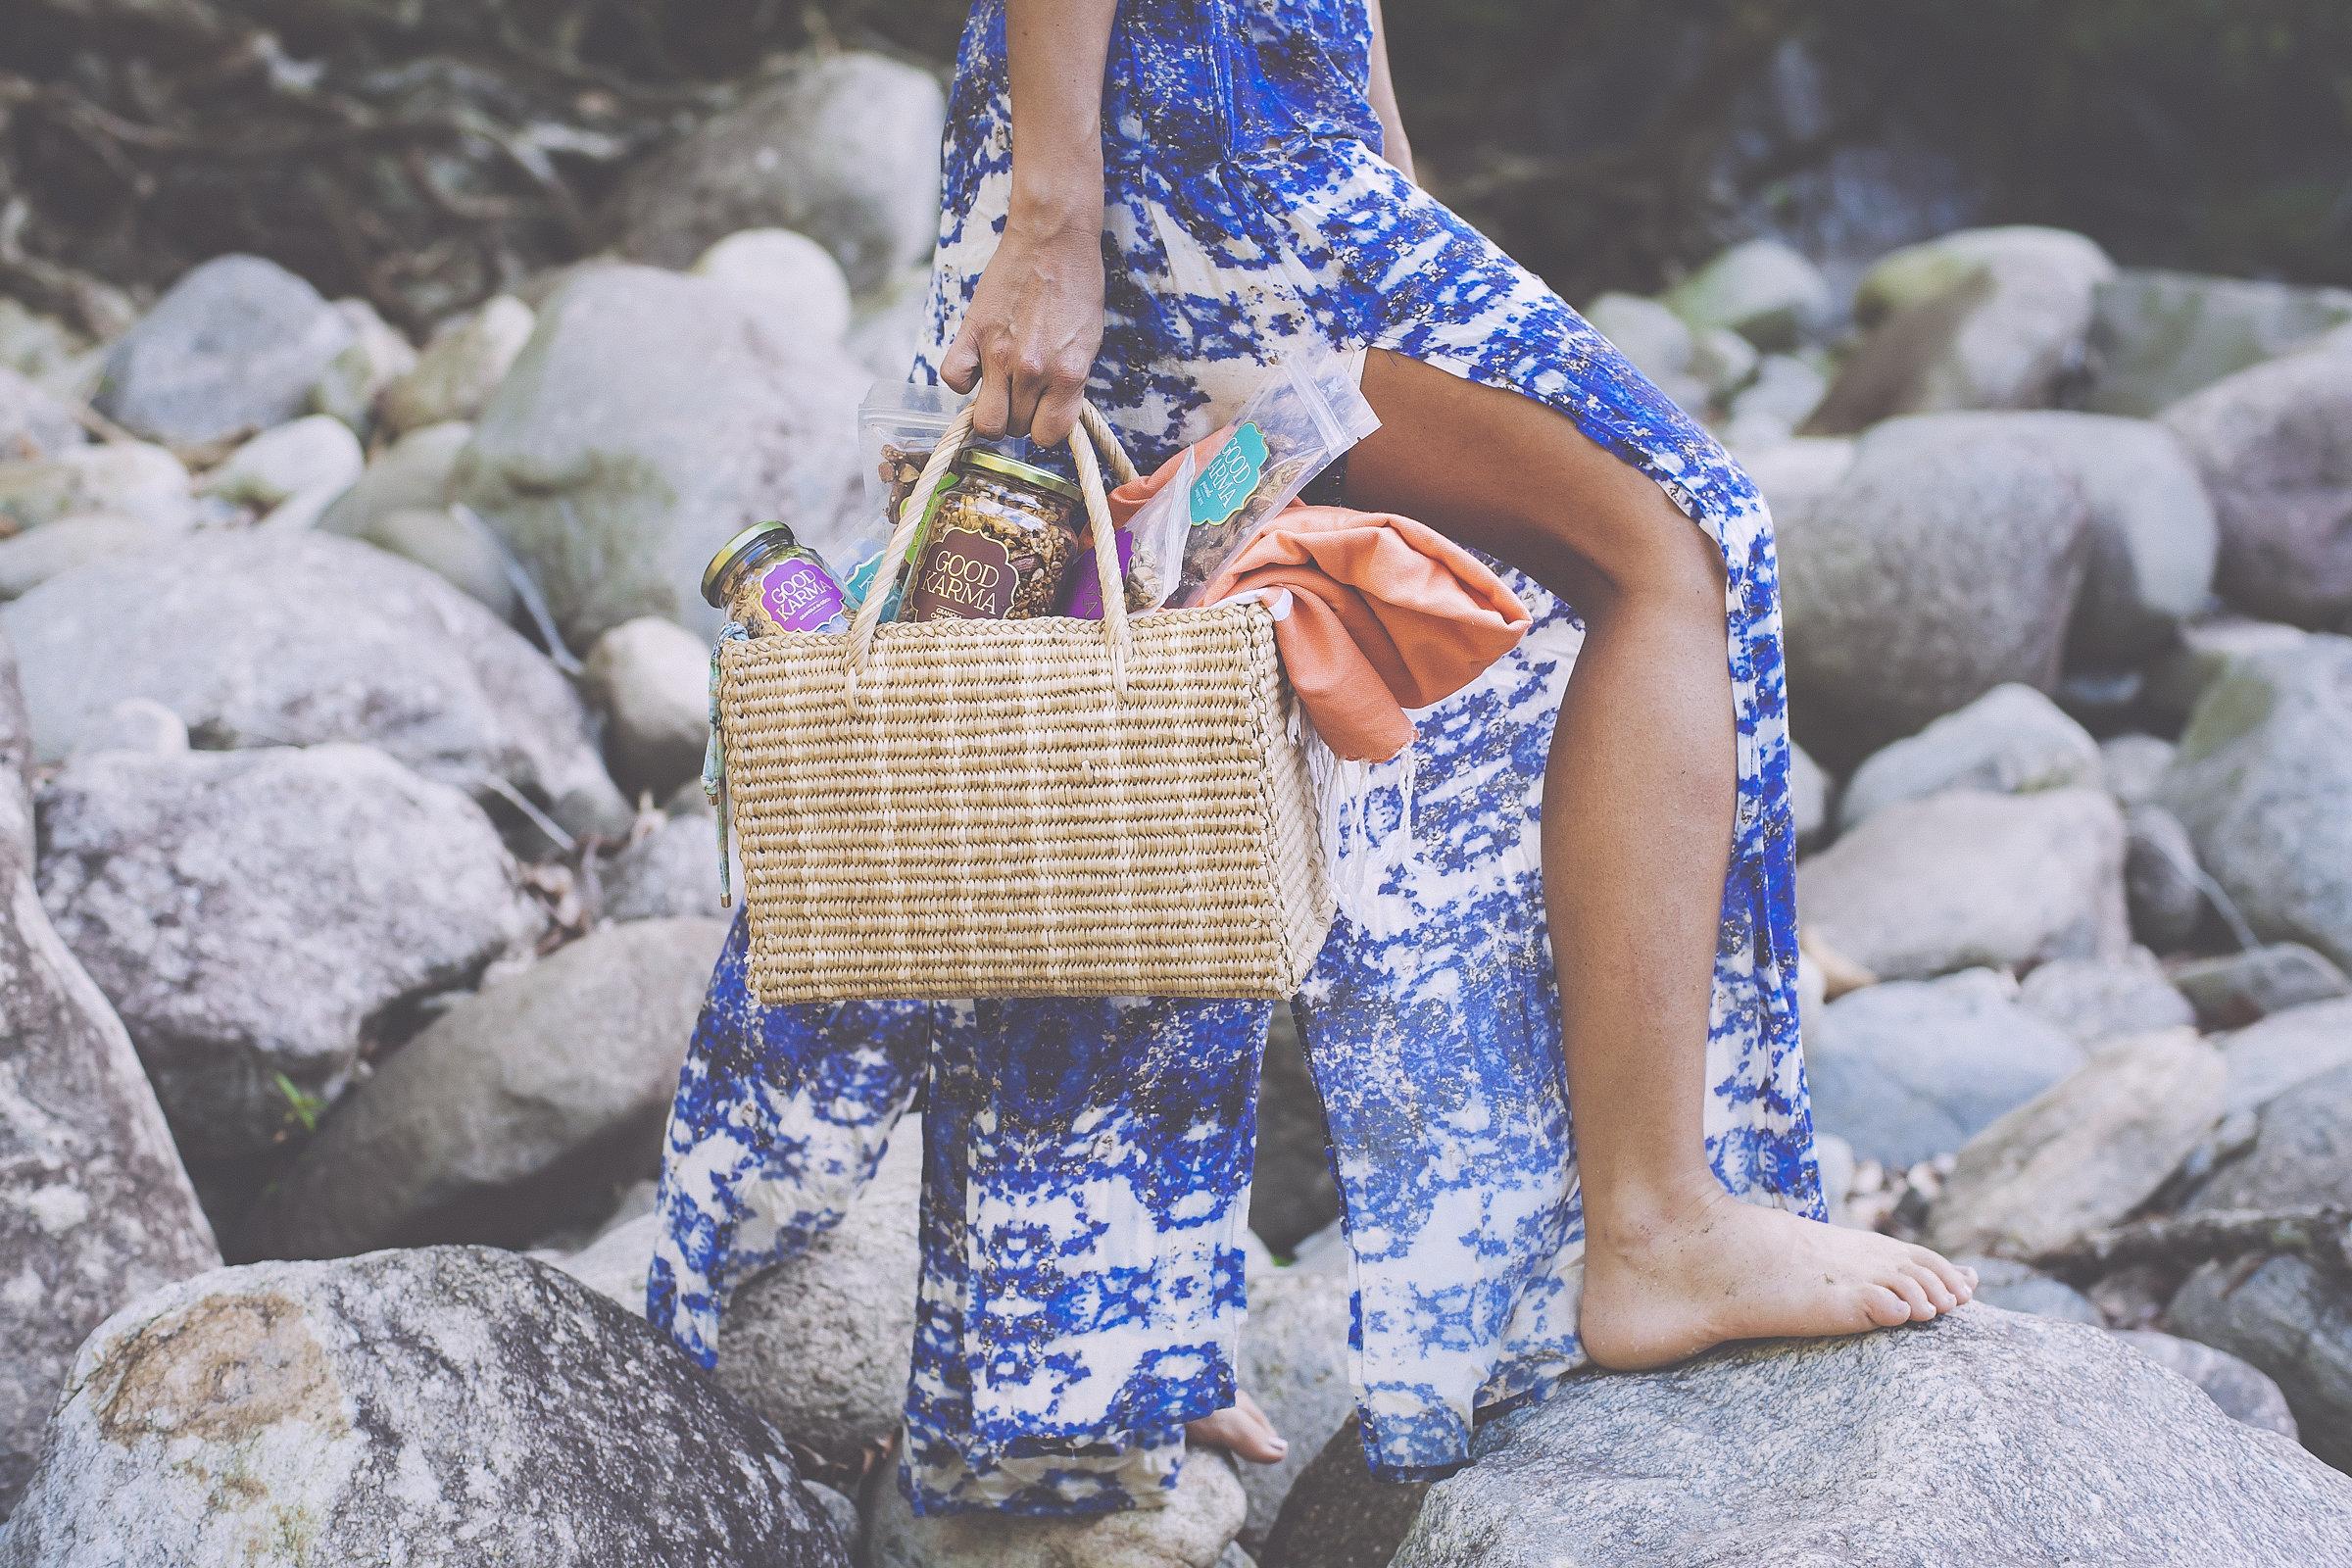 Marina_ManaFotografia_53.jpg